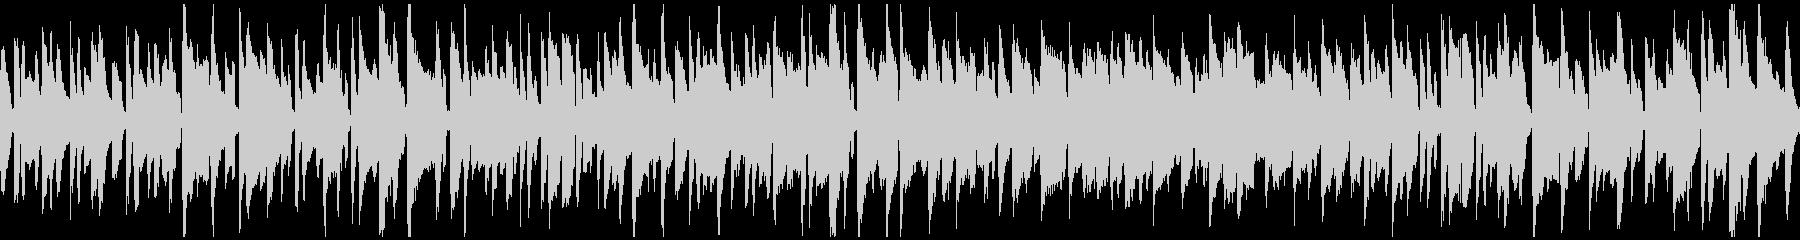 すっとぼけ系の劇伴、リコーダー※ループ版の未再生の波形